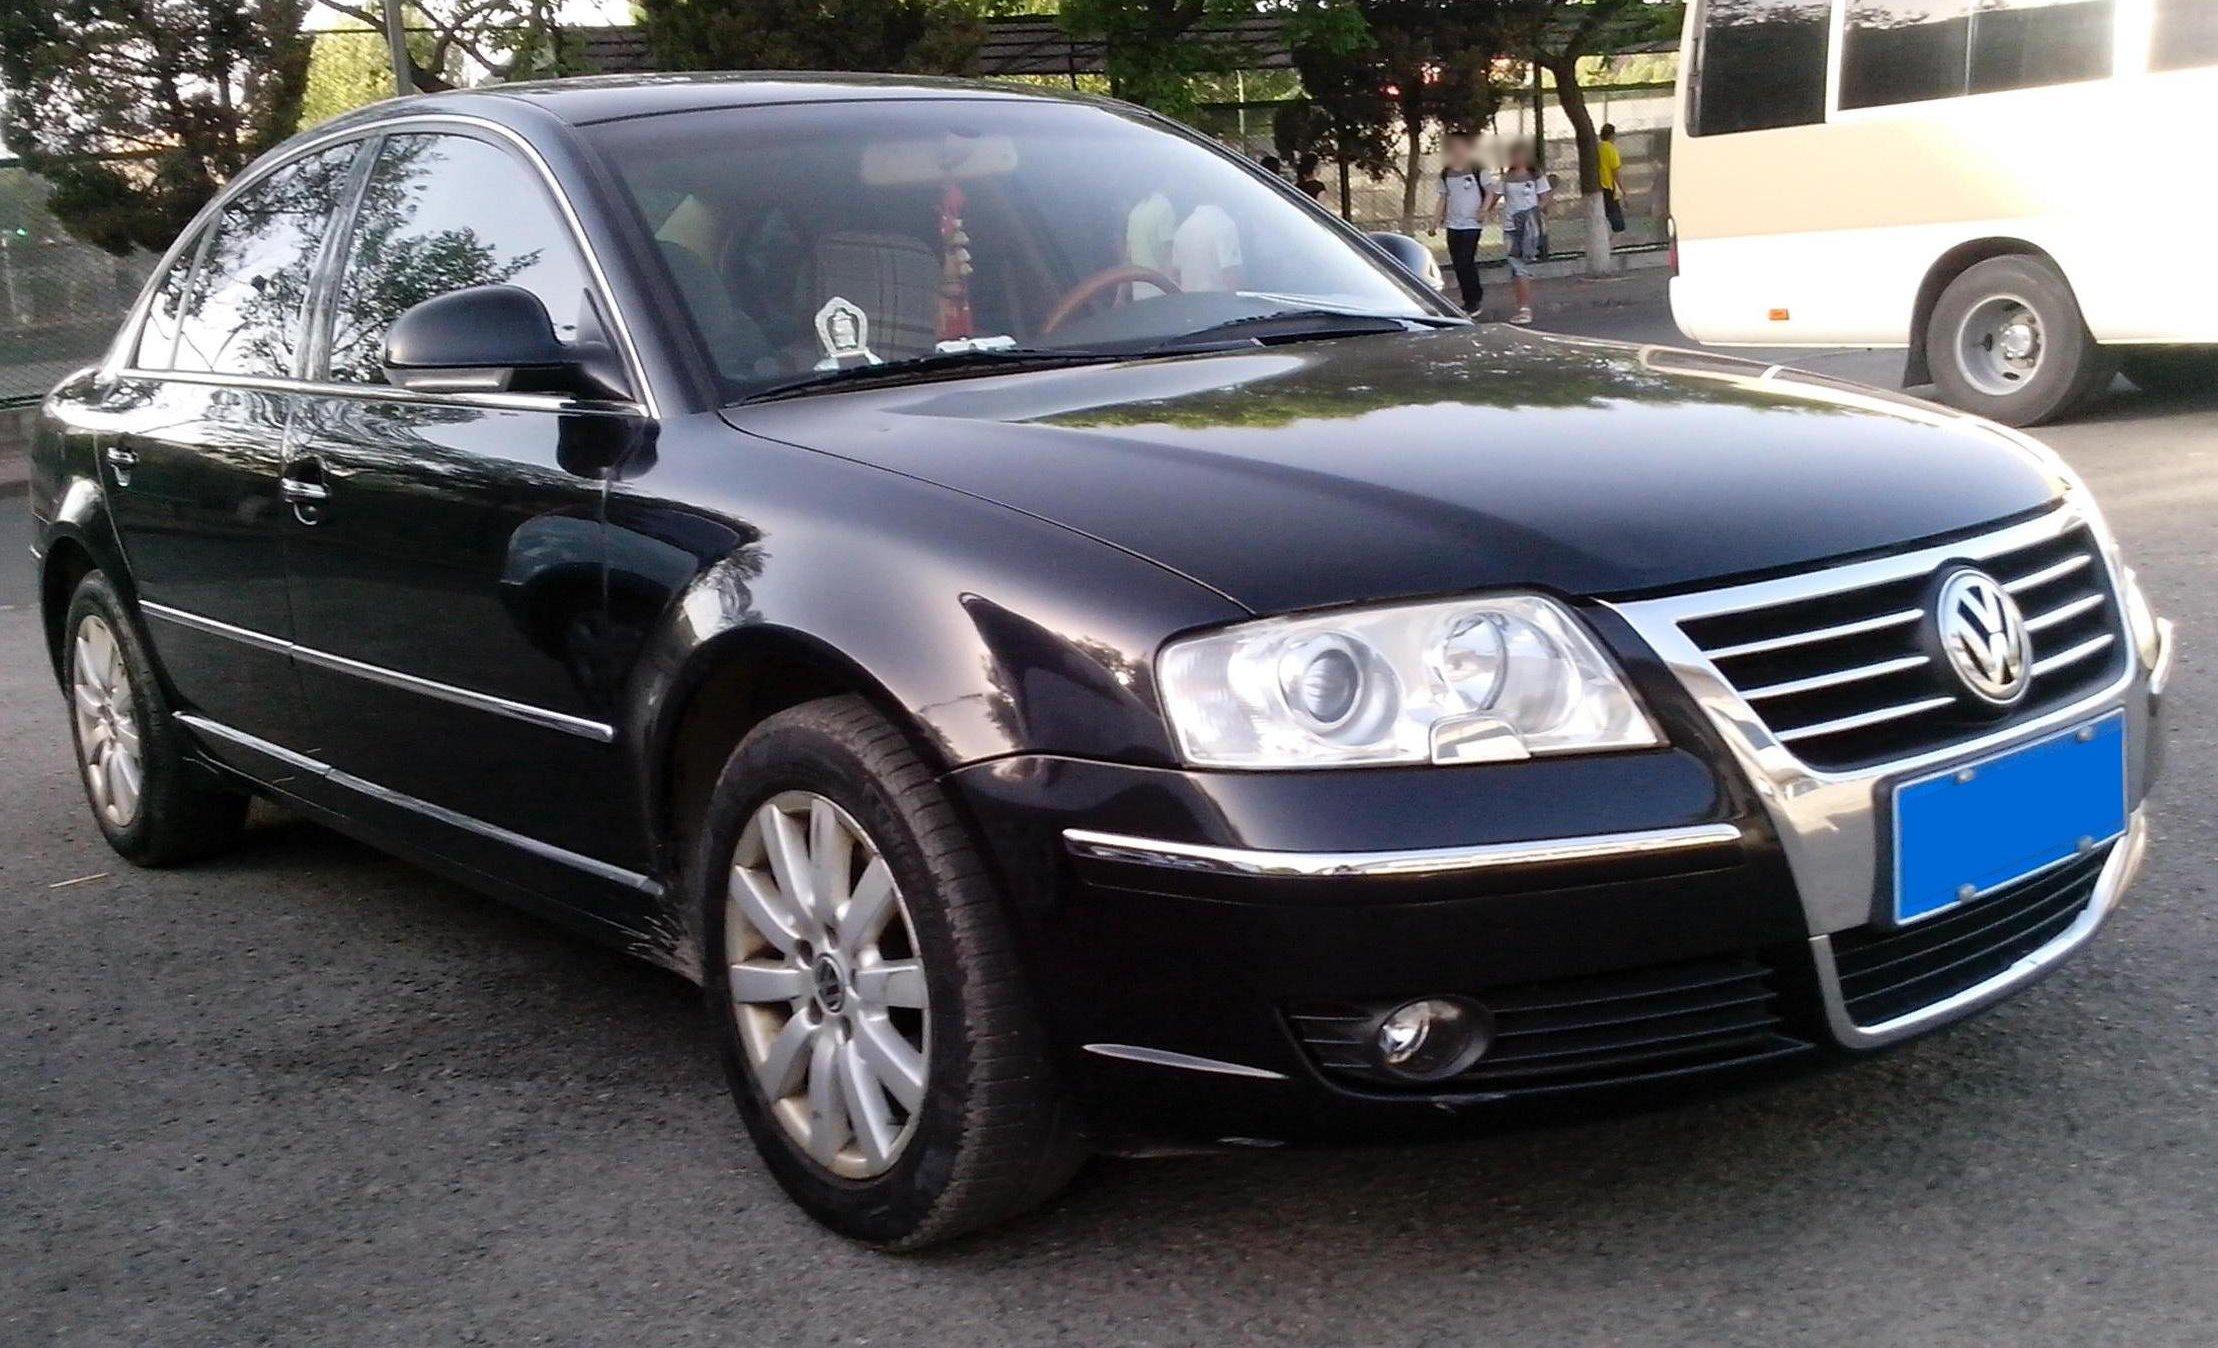 2003 Volkswagen Gol besides 23 additionally File Shanghai Volkswagen Passat Lingyu  front quarter also 14161051578 additionally 267 Mitnahme Kfz Kennzeichen Bald Bundesweit Moeglich. on 2013 vw passat